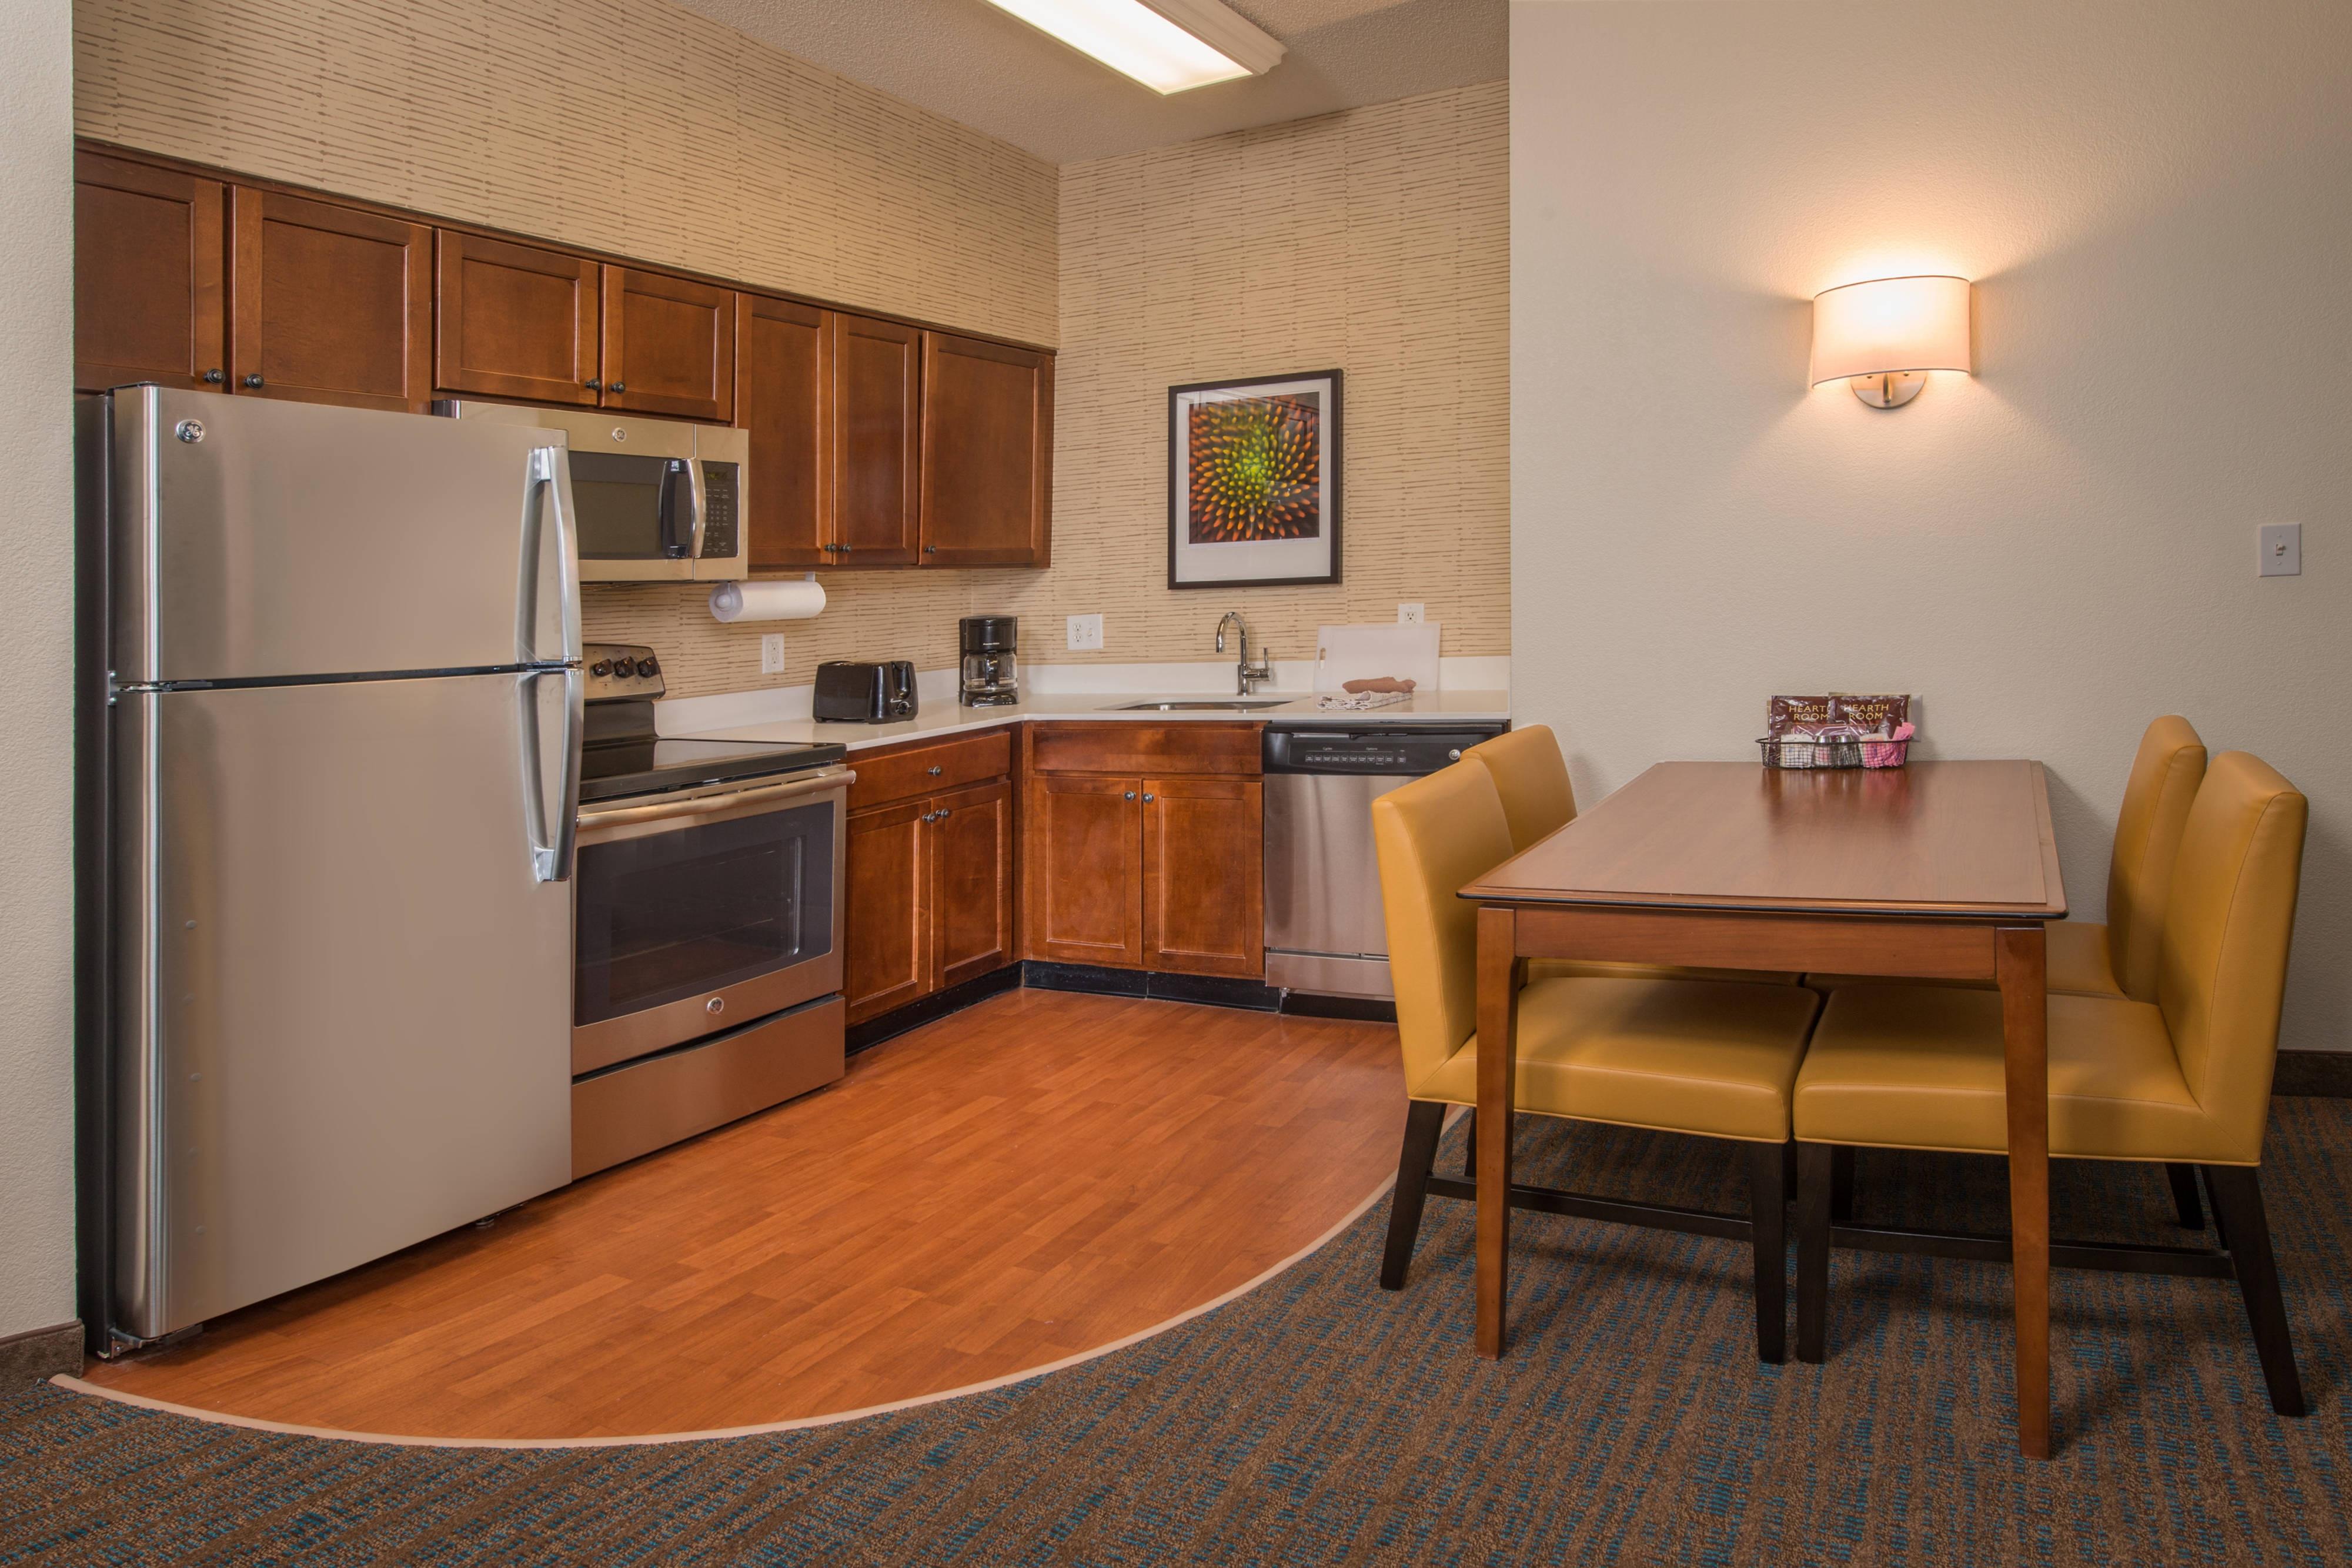 Kitchen Suite in Chantilly, VA